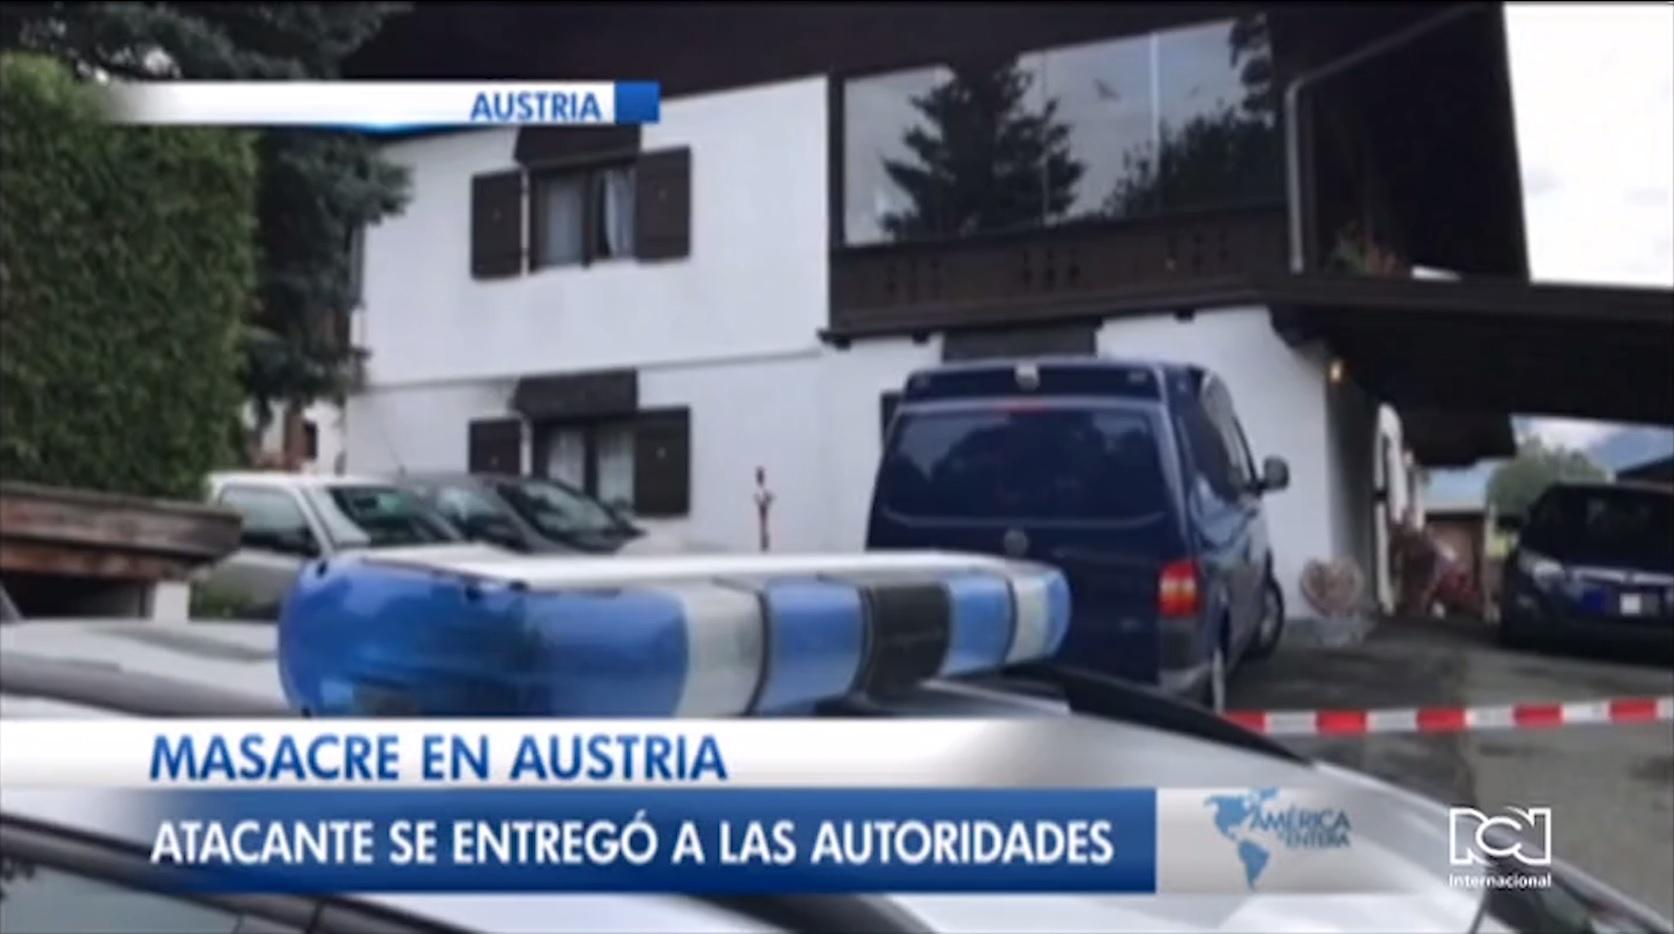 Relación sentimental tóxica termina con el asesinato de cinco personas en Austria